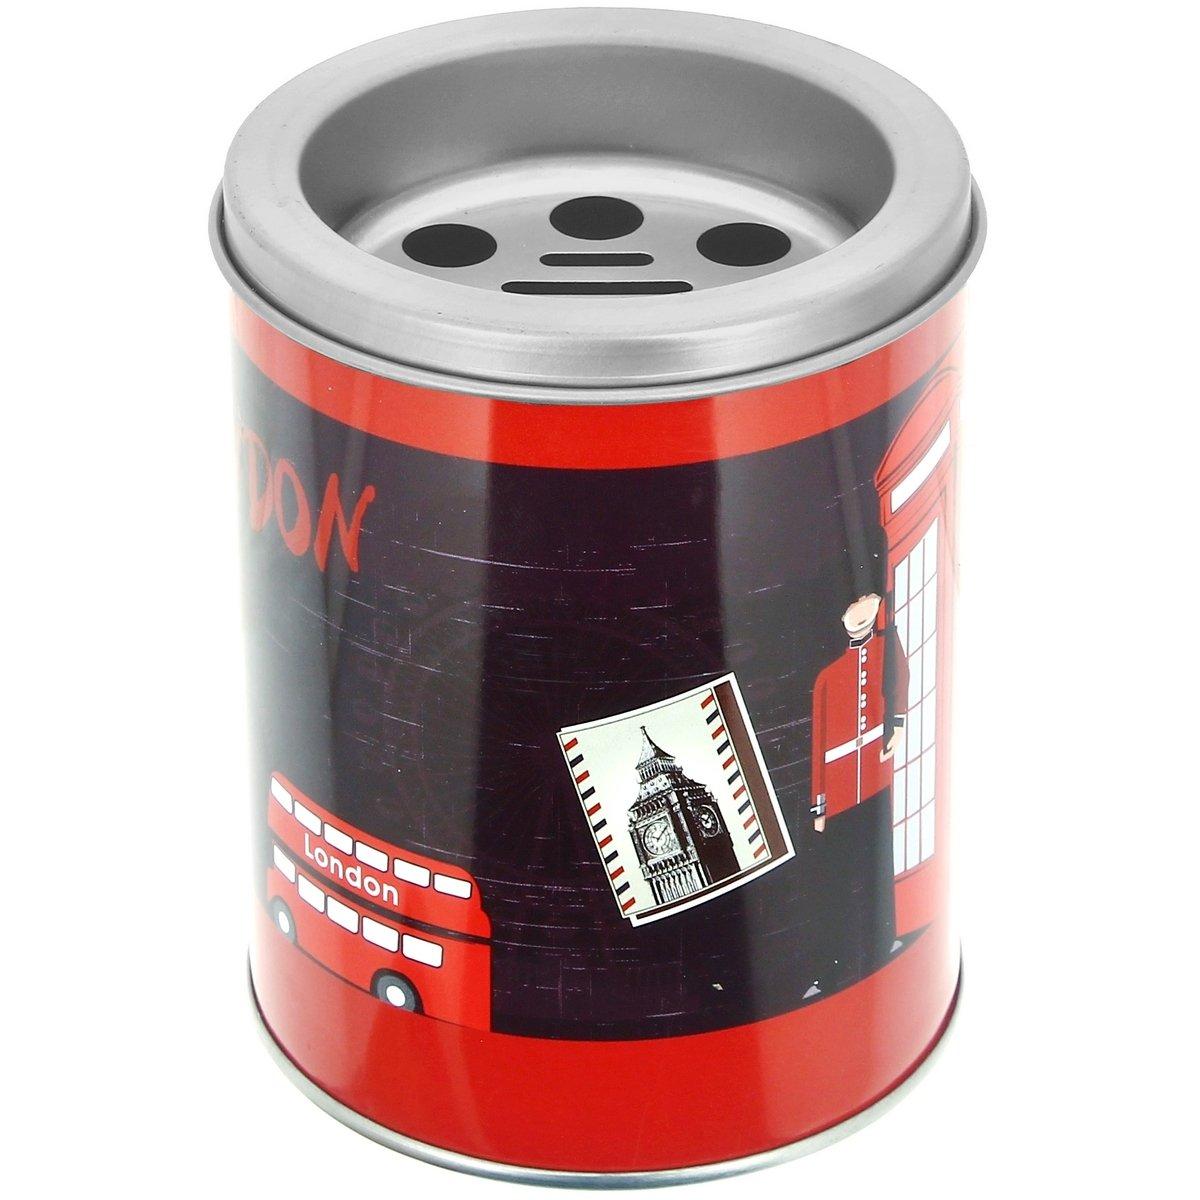 Promobo Cendrier Pot A Crayon 2 en 1 avec Couvercle Design Londres Ré tro Vintage